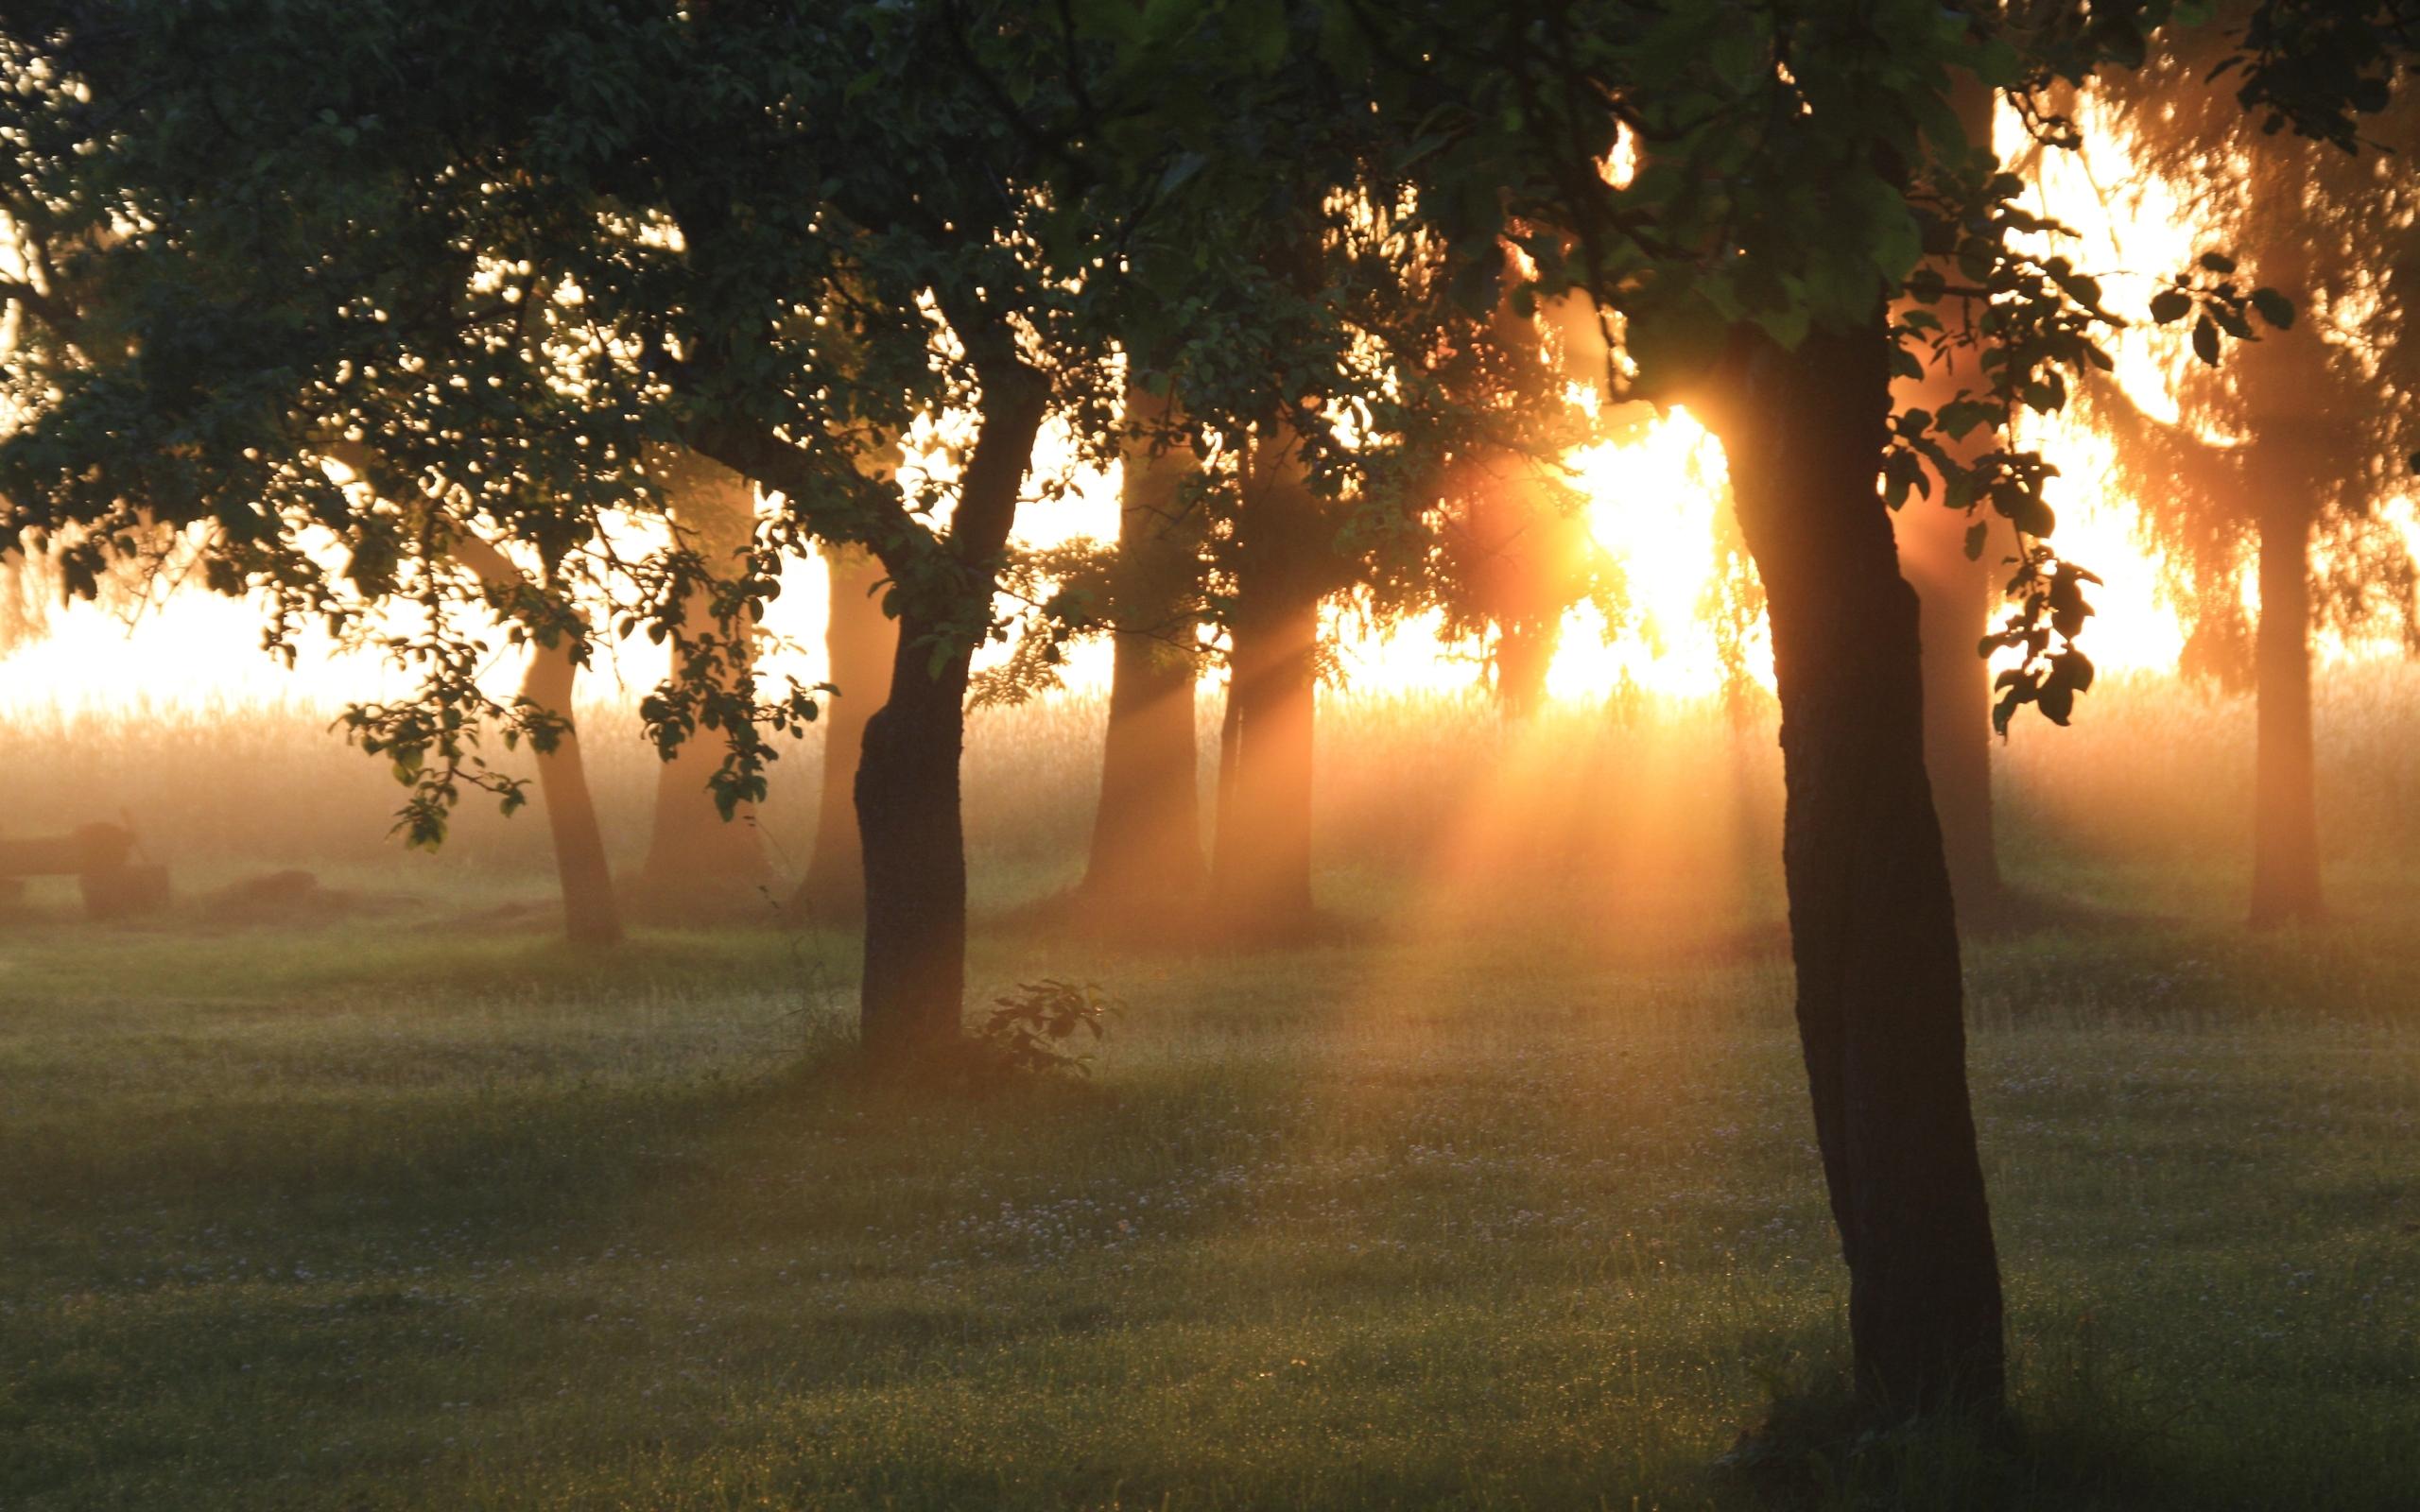 26029 скачать обои Пейзаж, Деревья, Закат, Солнце - заставки и картинки бесплатно